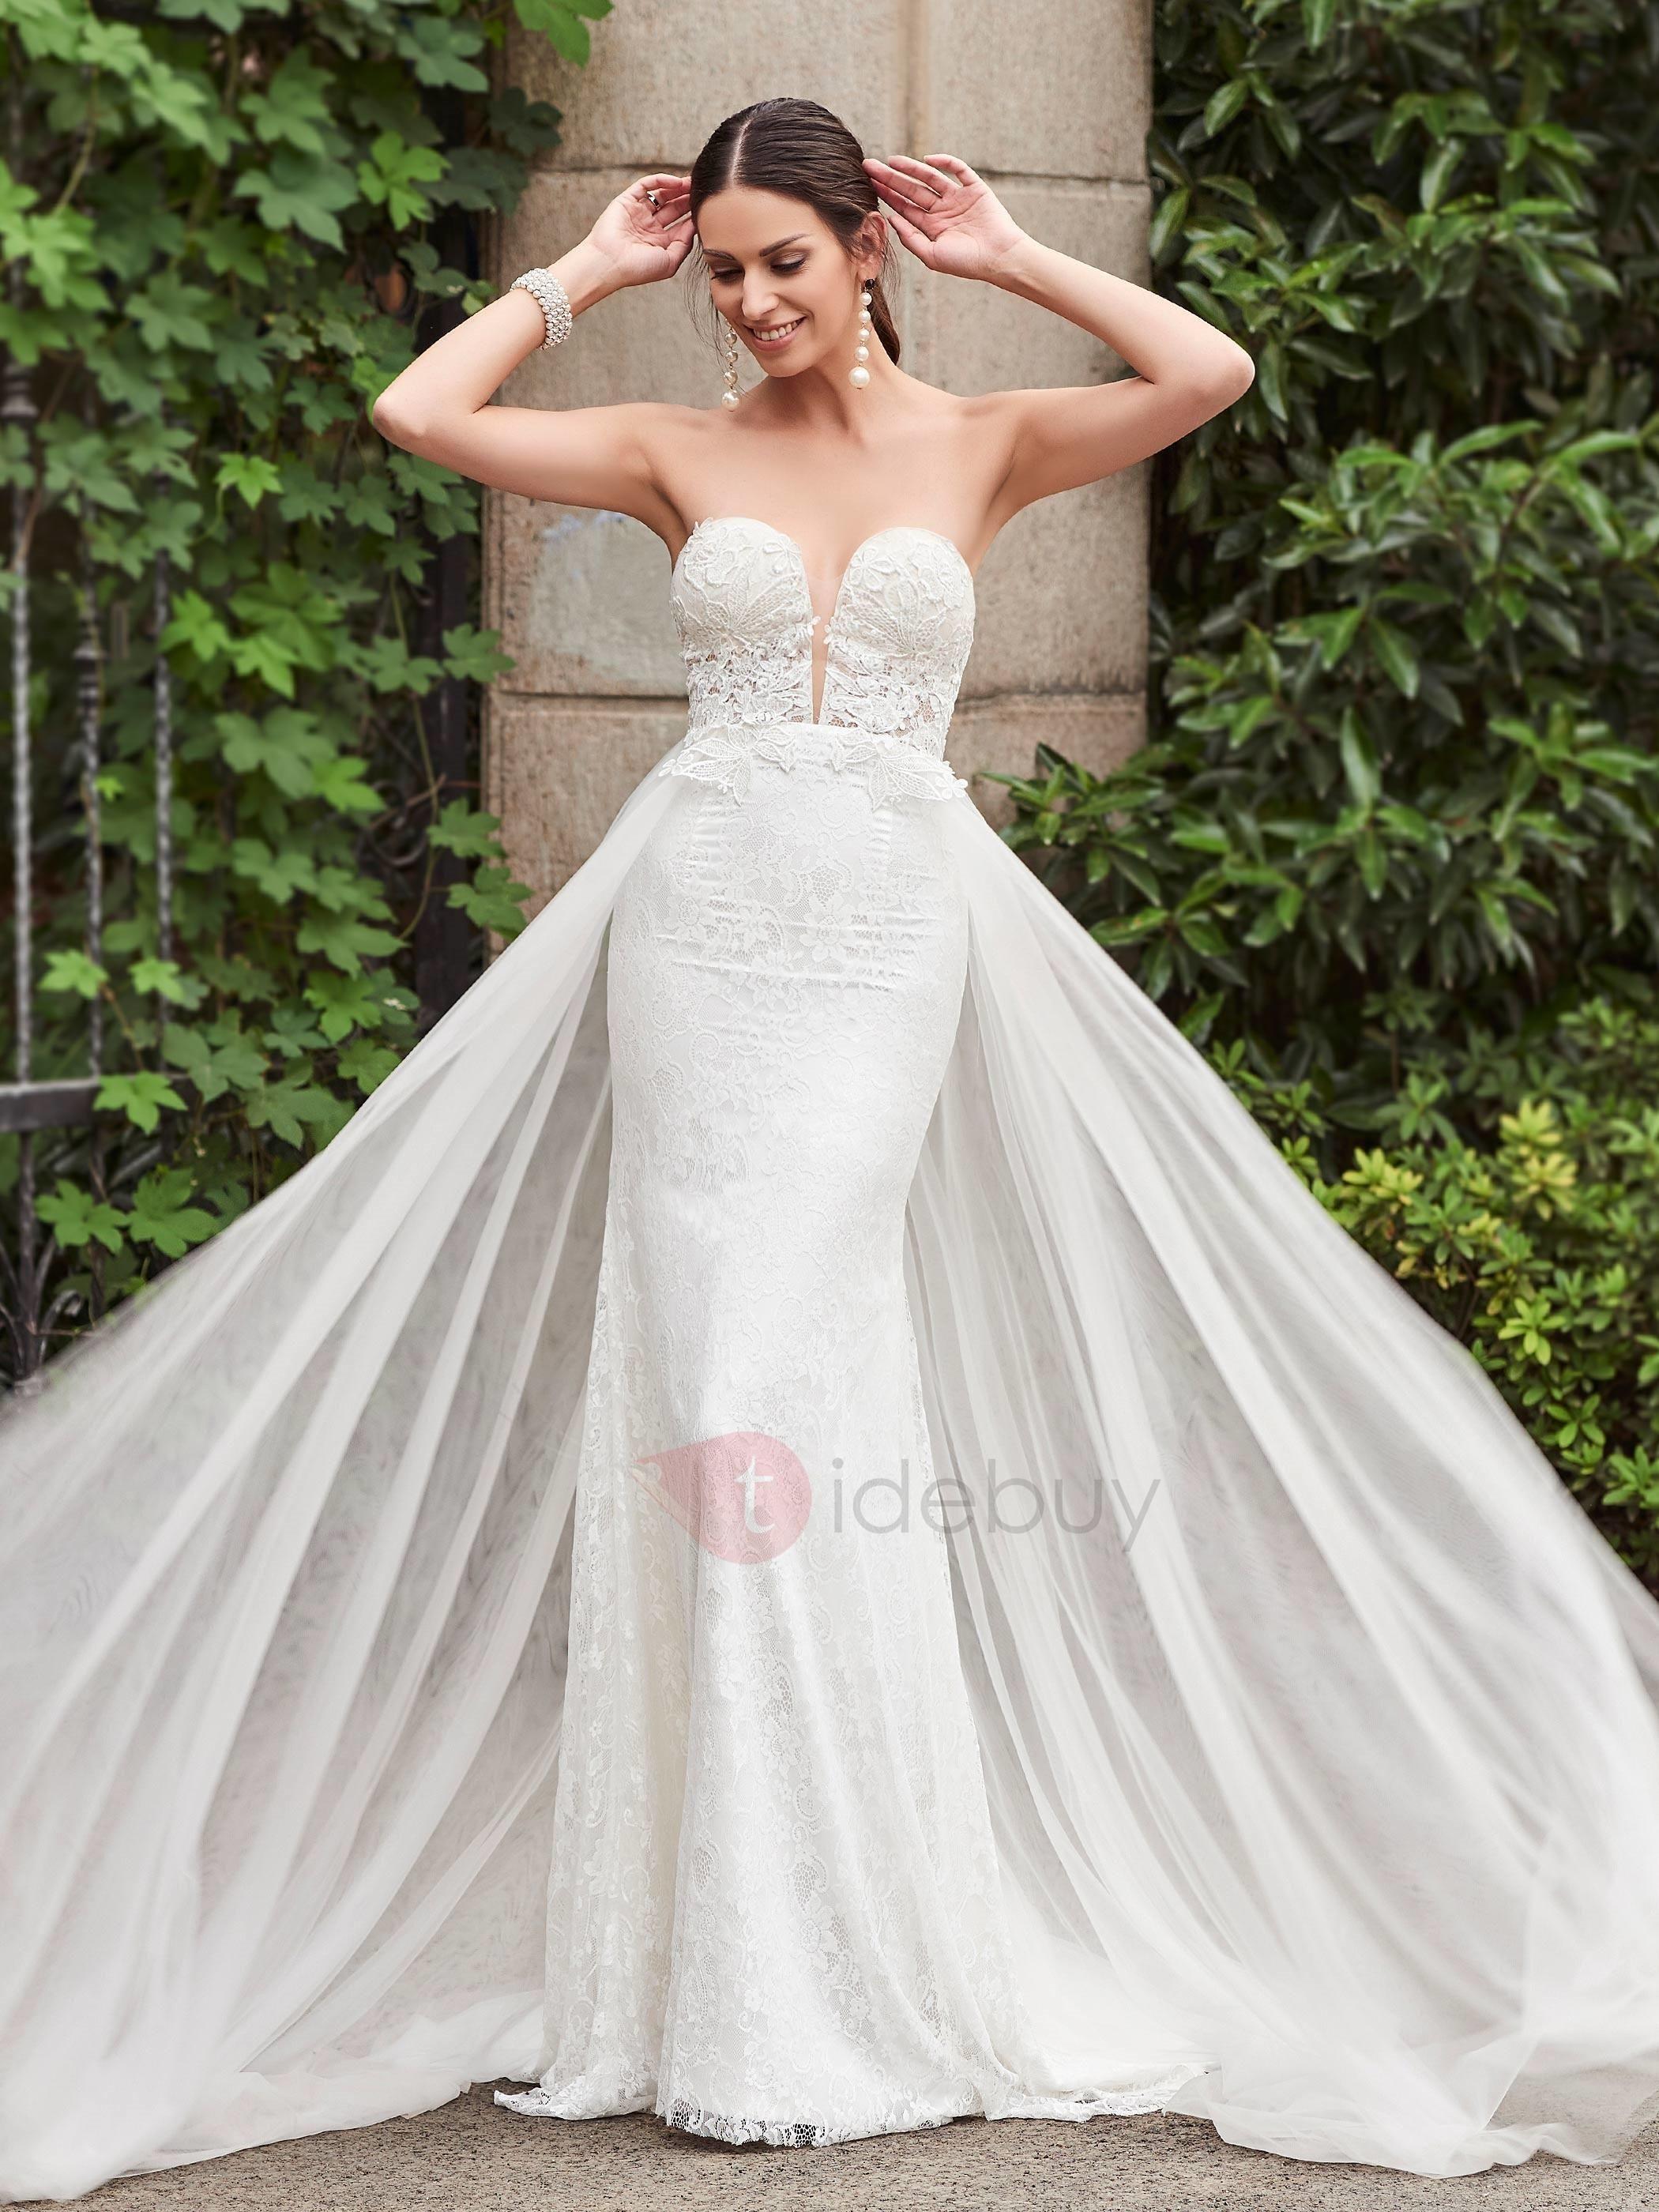 White mermaid wedding dress  Charming Sweetheart Lace Mermaid Wedding Dress  Dresses  Pinterest